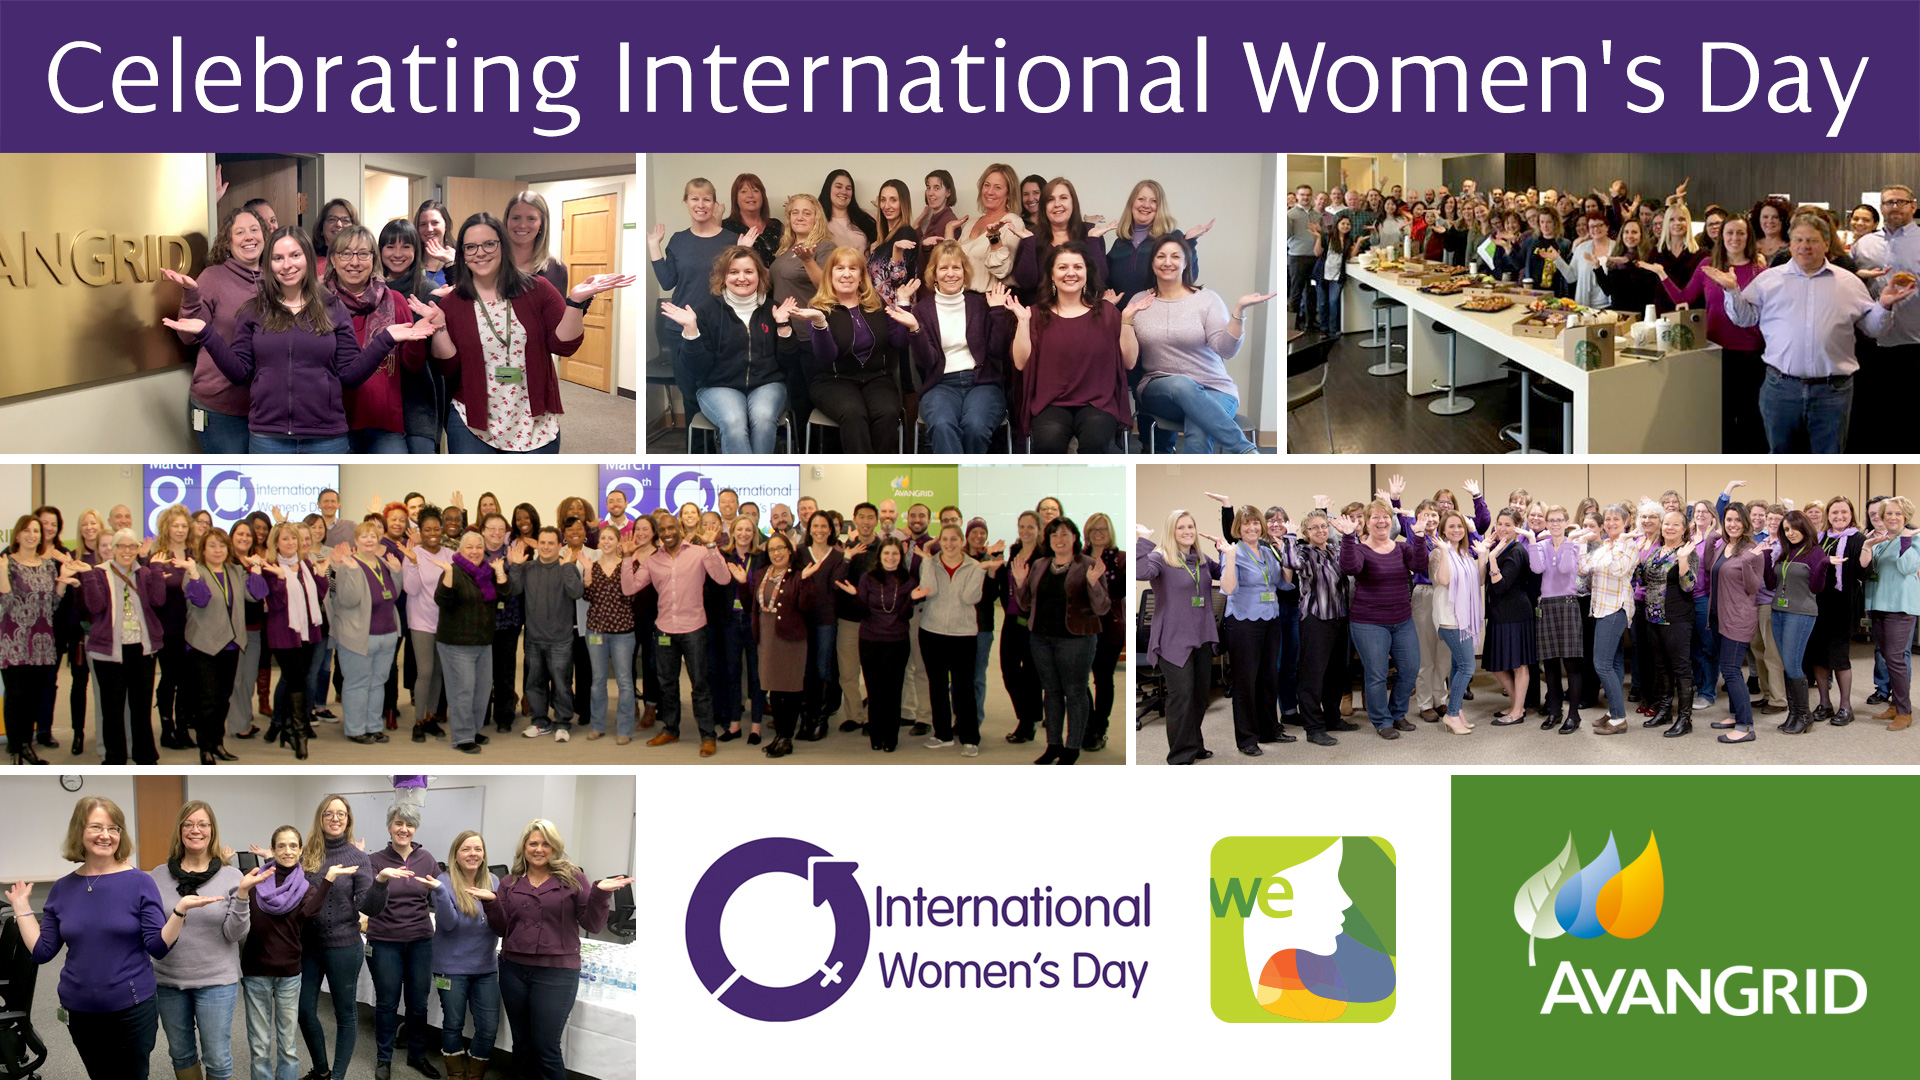 Digital-Signage-March2019-WomensDay4.jpg